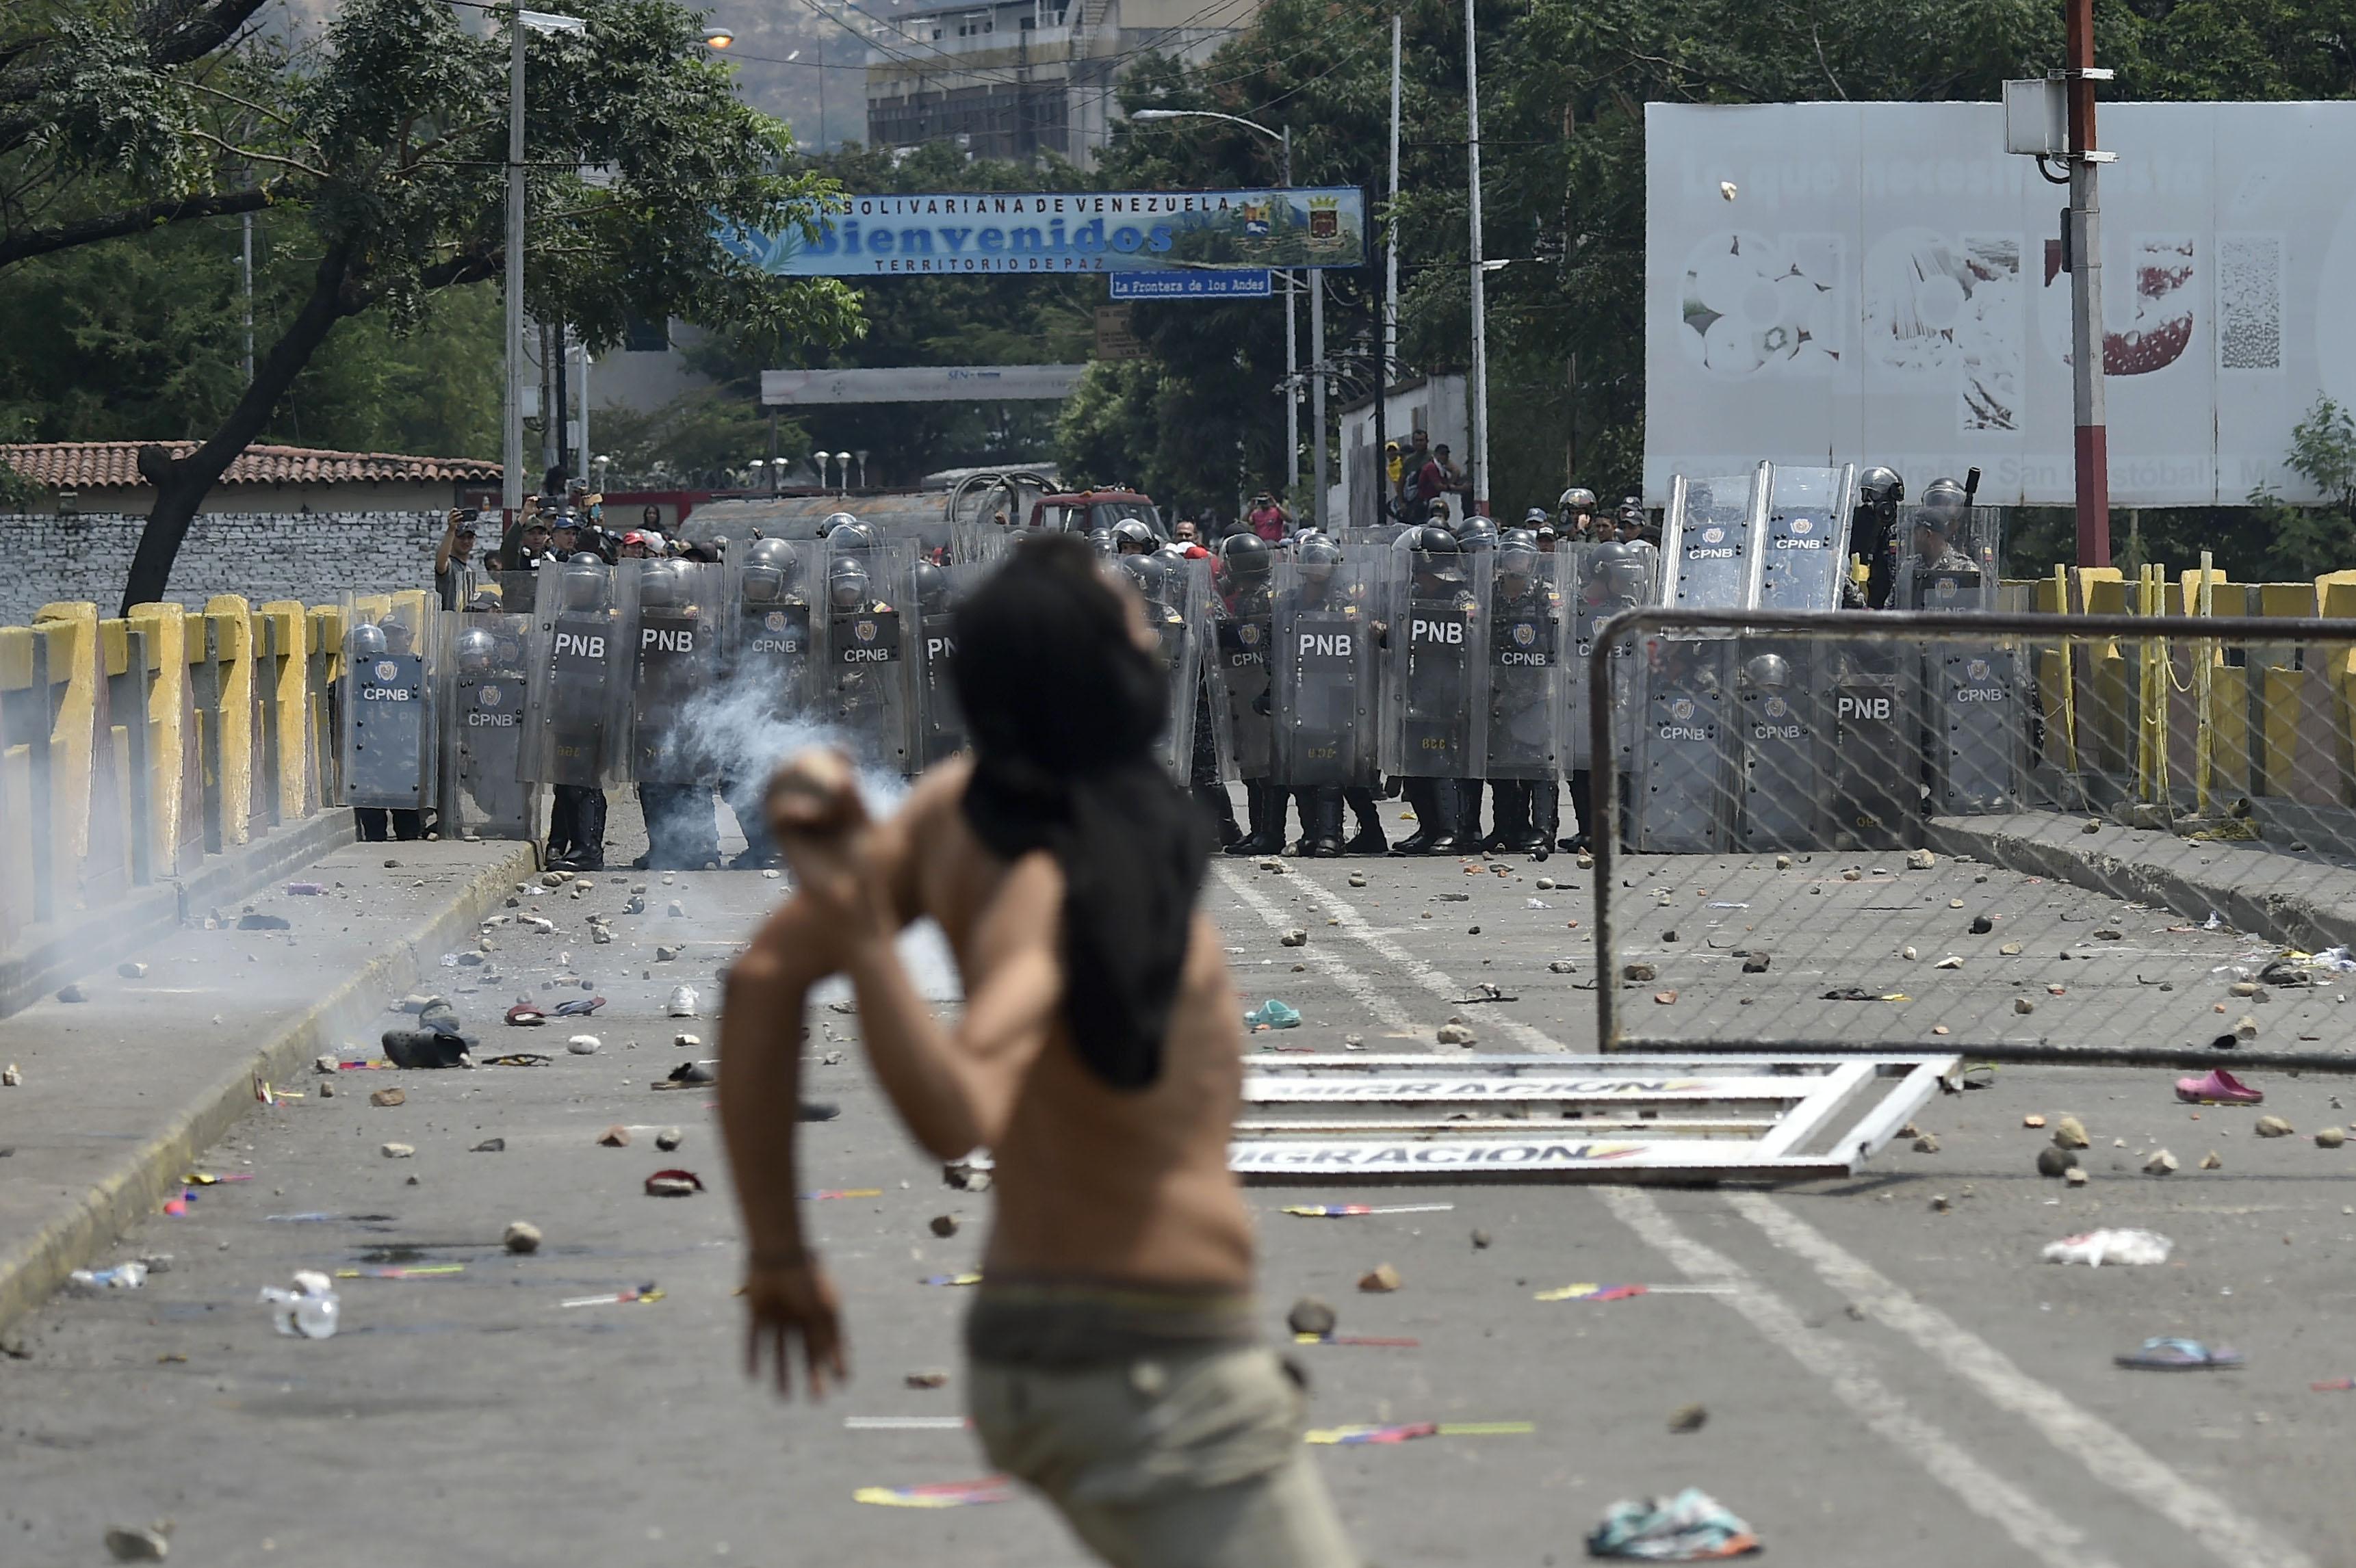 Los manifestantes se enfrentan a la policía nacional venezolana en el puente Simón Bolívar, en Cúcuta, Colombia, luego de que el gobierno del presidente Nicolás Maduro ordenó el cierre temporal de la frontera con Colombia. AFP